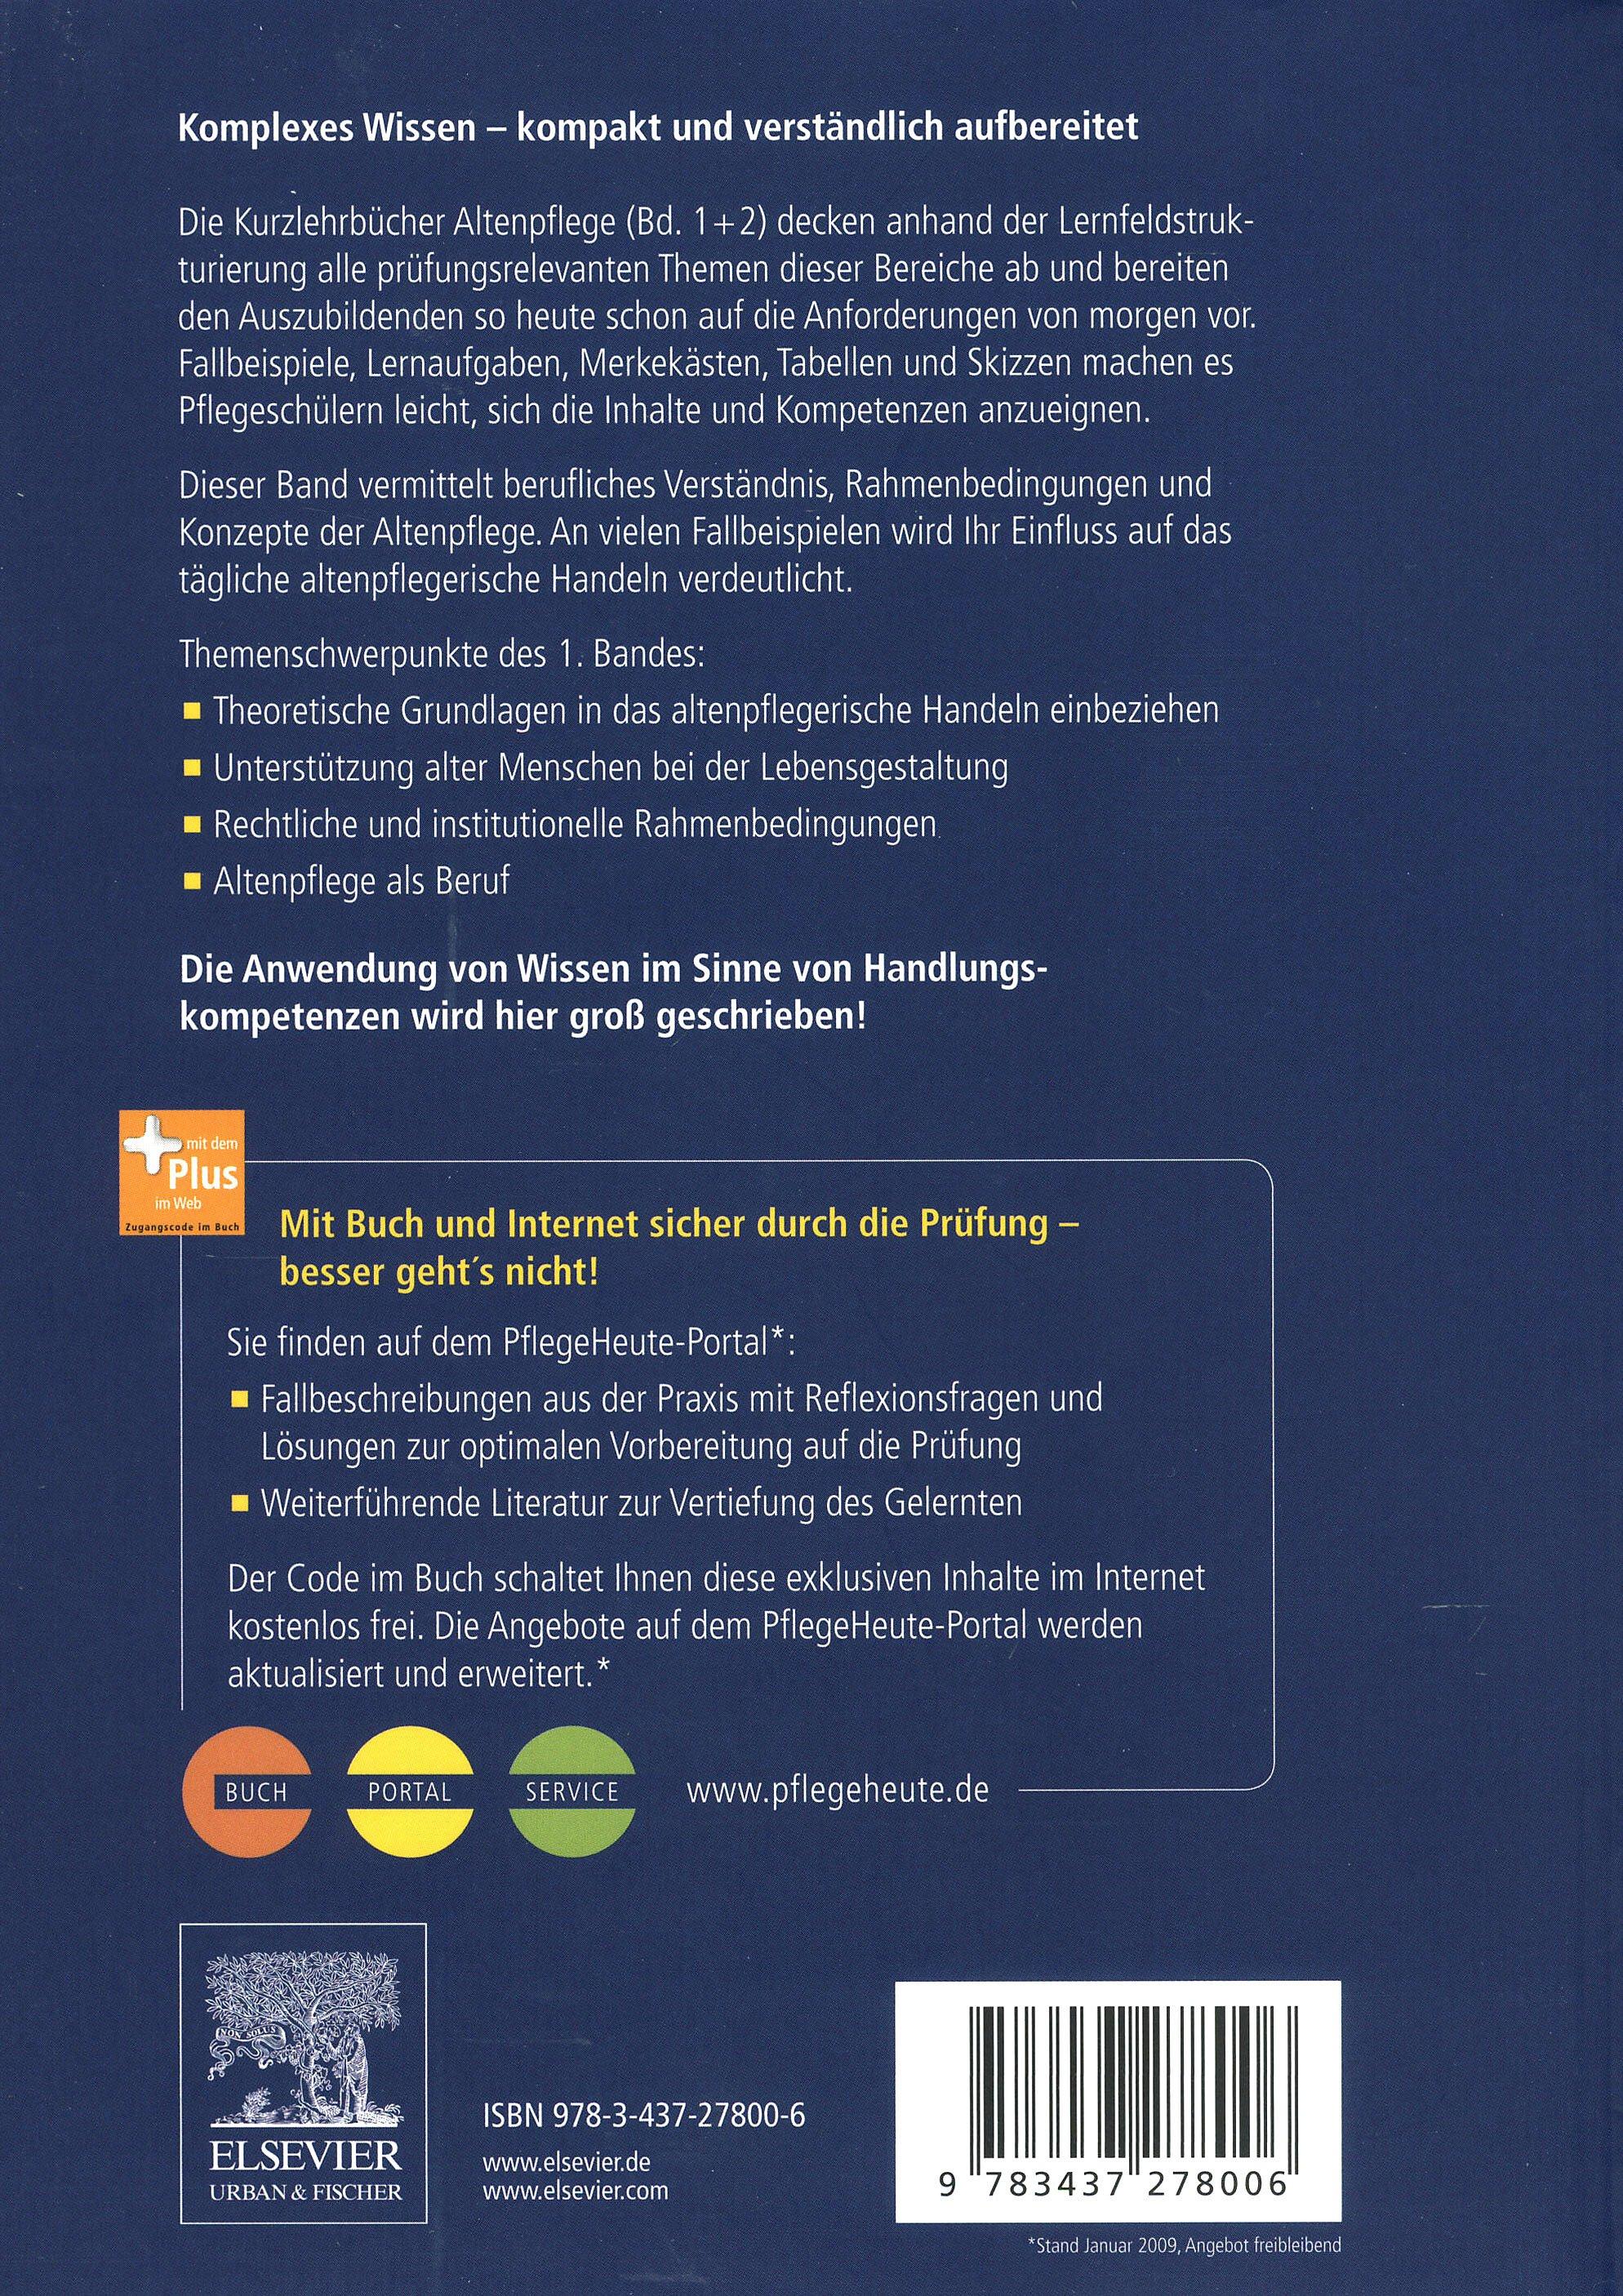 Kurzlehrbuch Altenpflege 2 Bände Buch Portofrei Bei Weltbildde